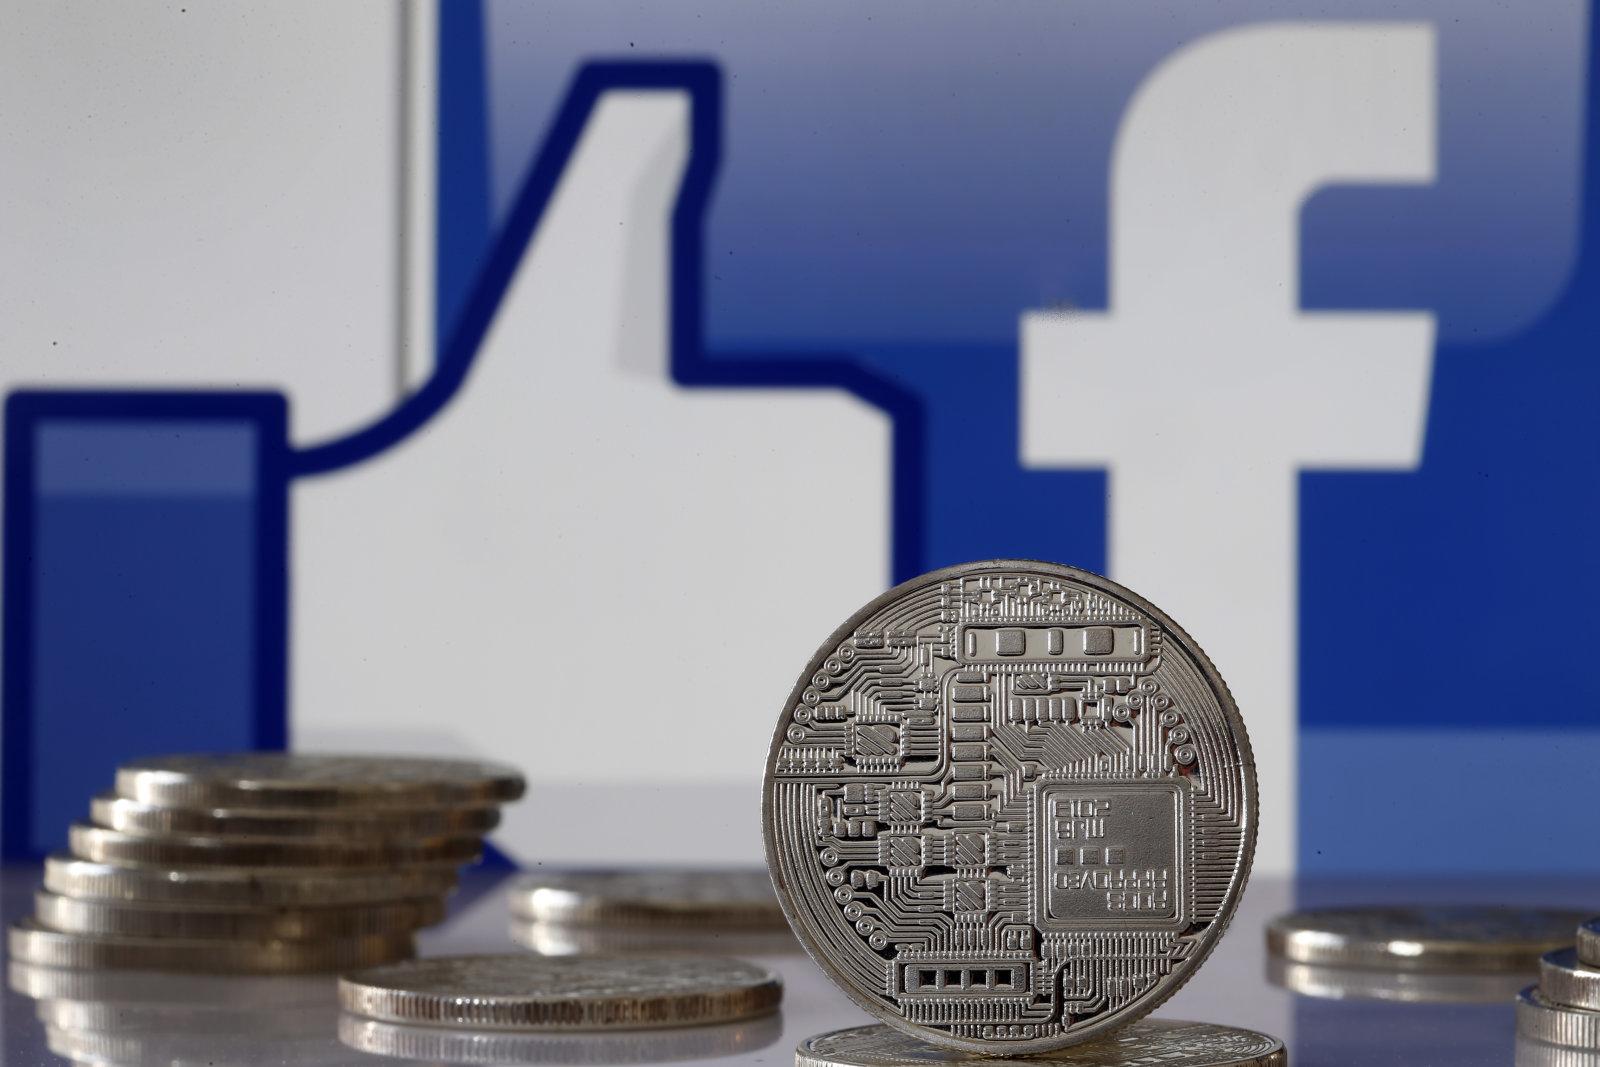 Teknoloji devlerinin kripto para pazarına girmeleri engellenecek mi?